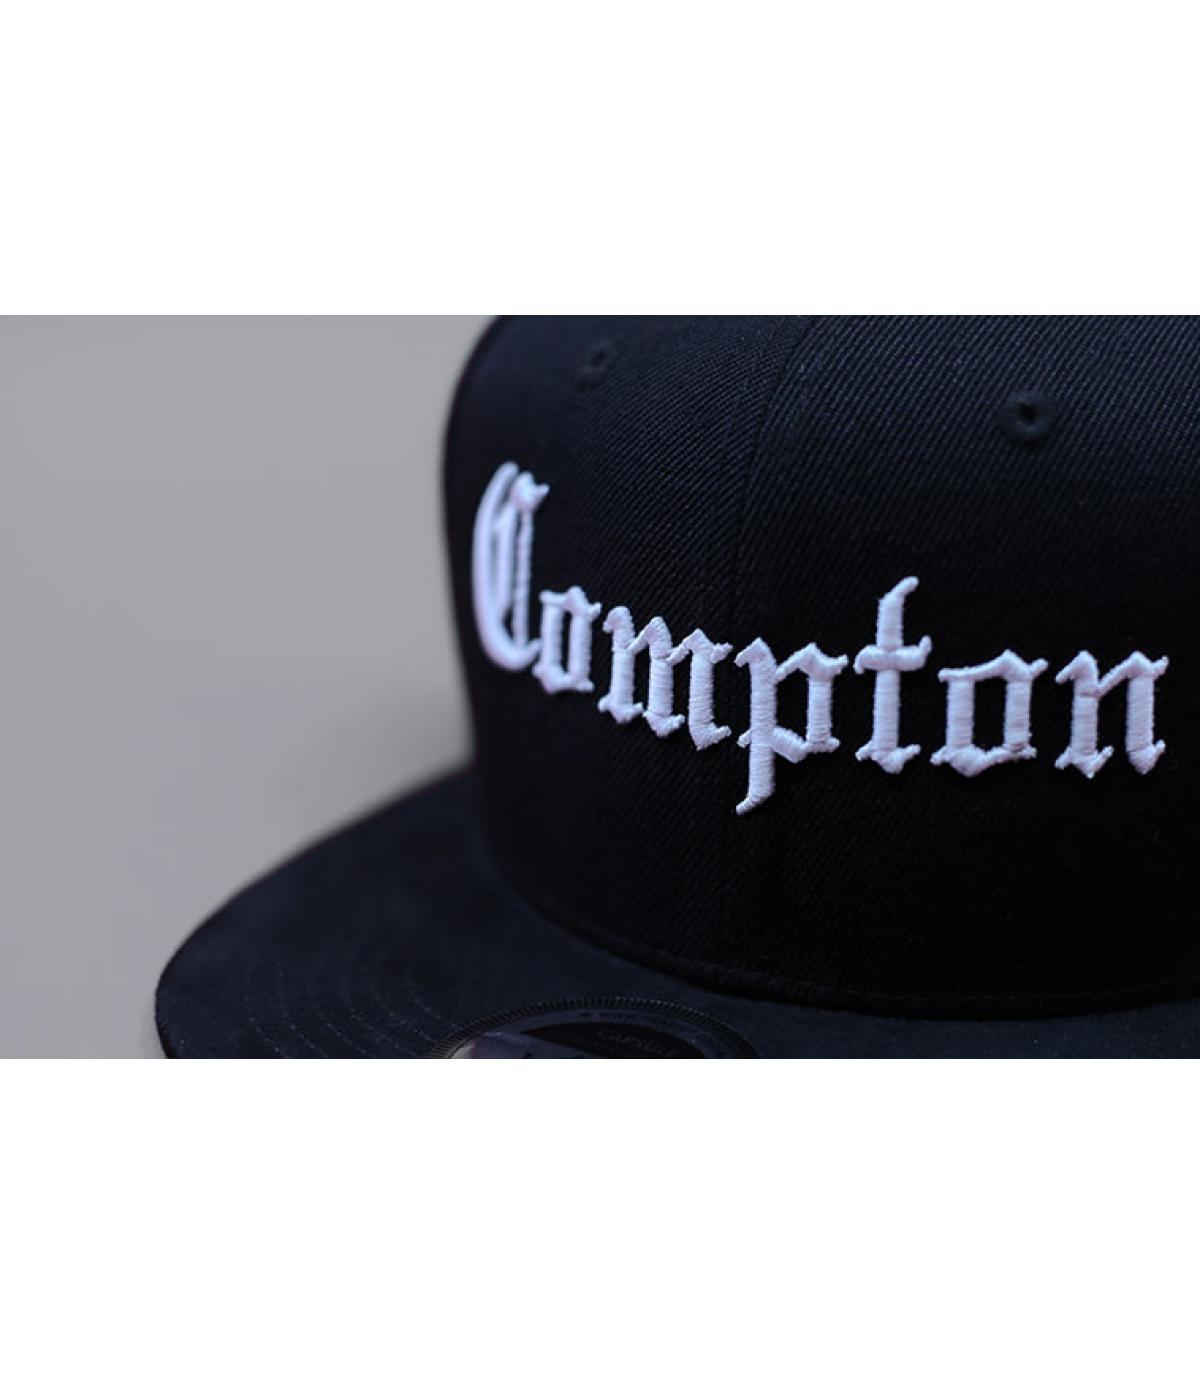 Details Compton Snapback - Abbildung 4